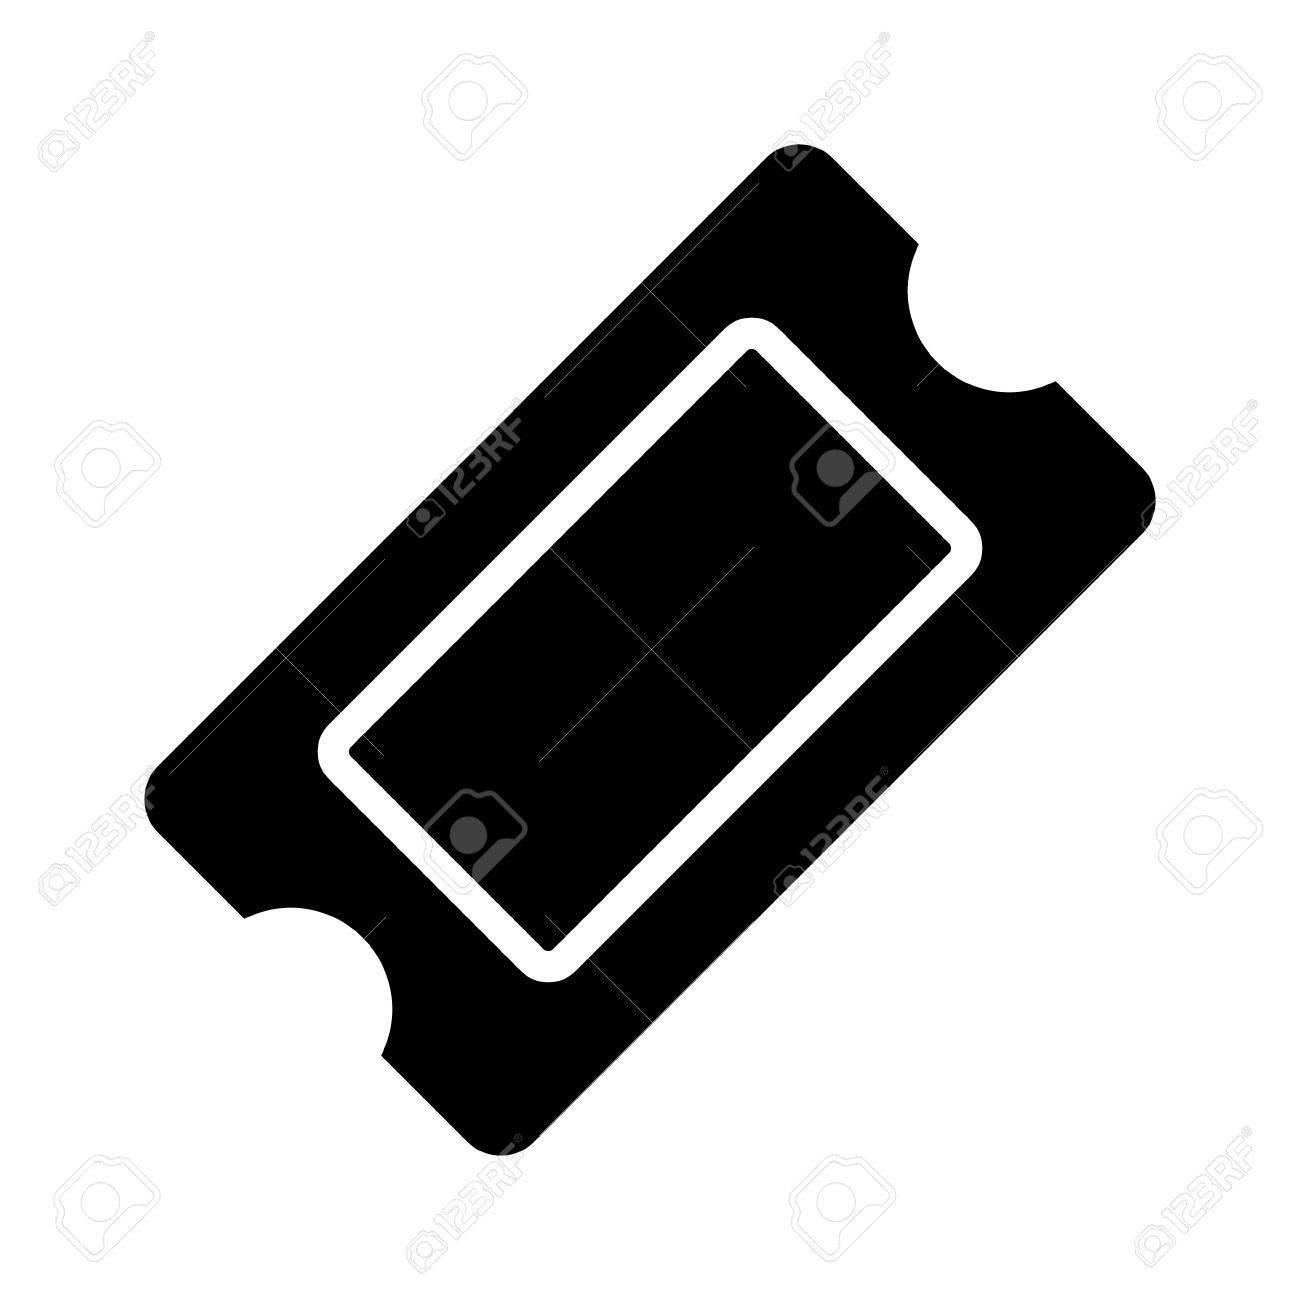 Filmticket Eintritts-Stub Oder Gewinnspiel-Token Flach Vektor-Symbol ...